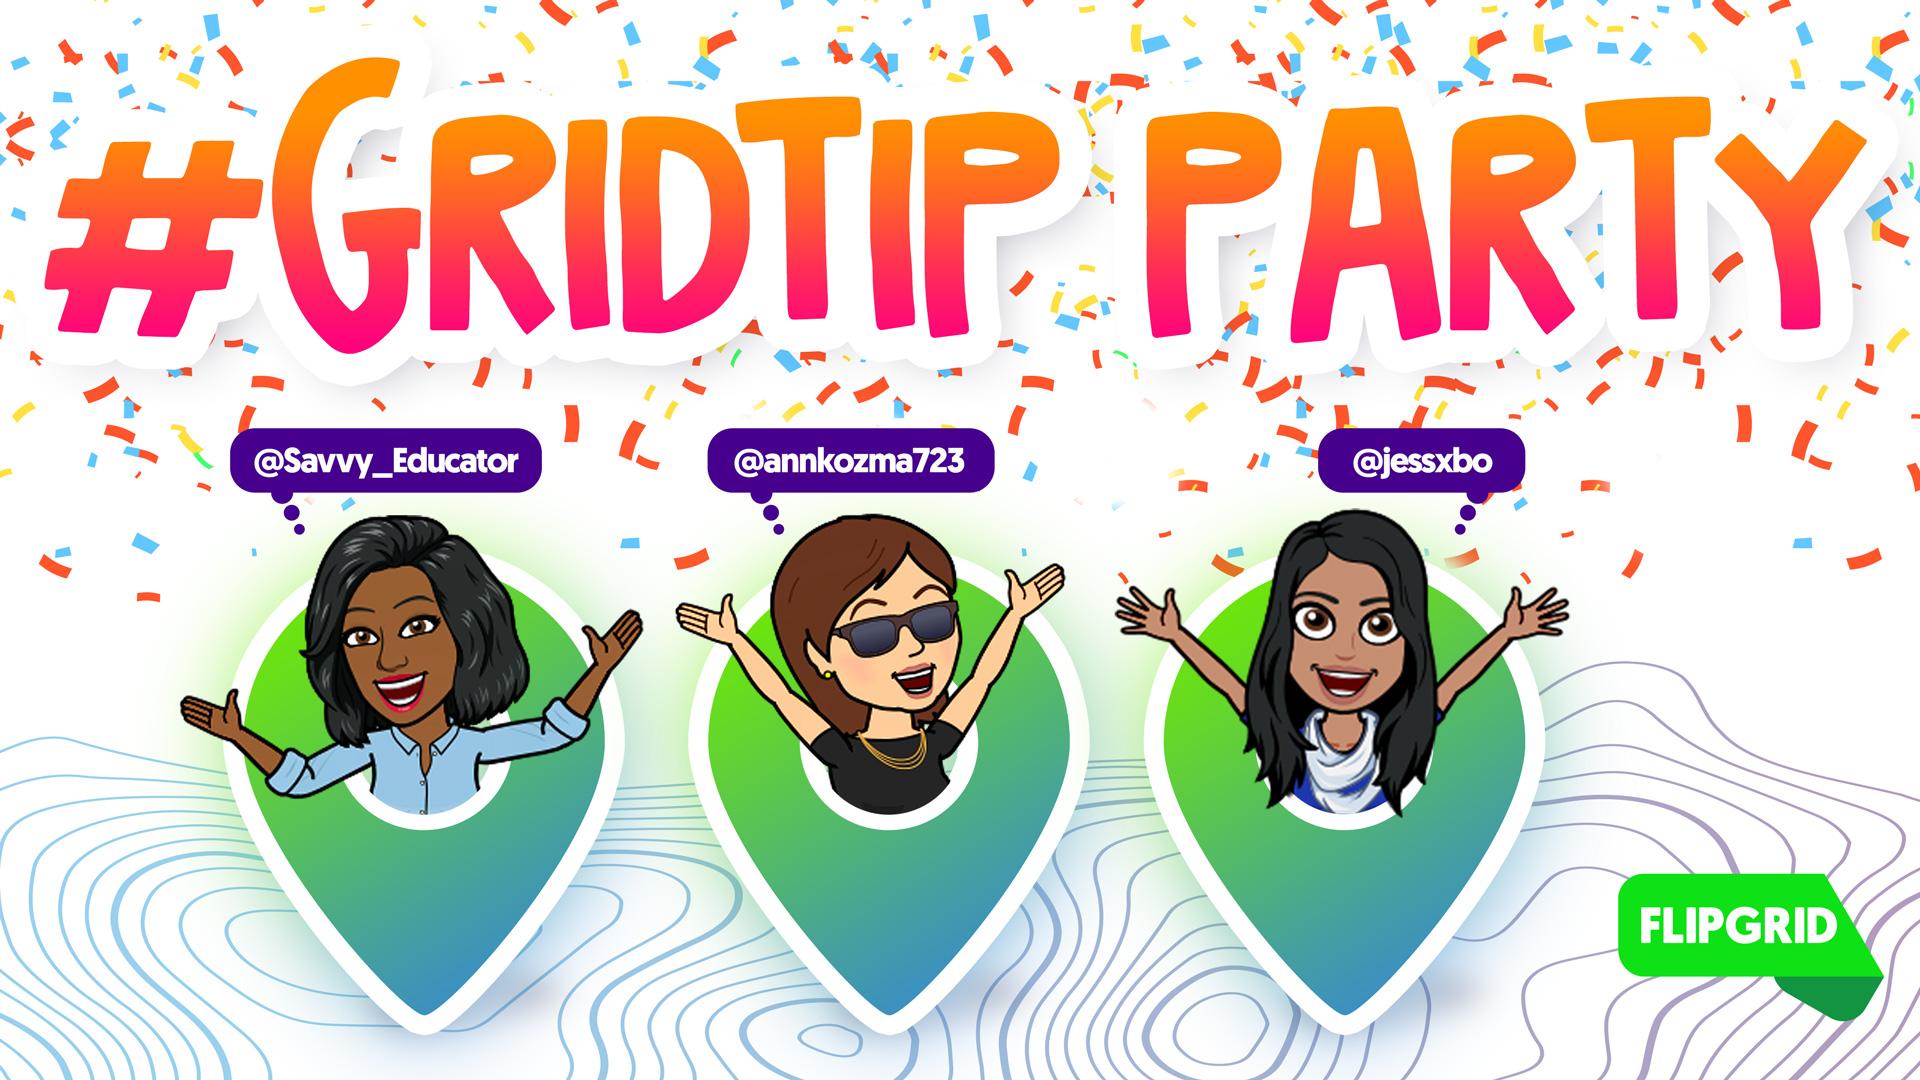 GridTip_Party.jpg